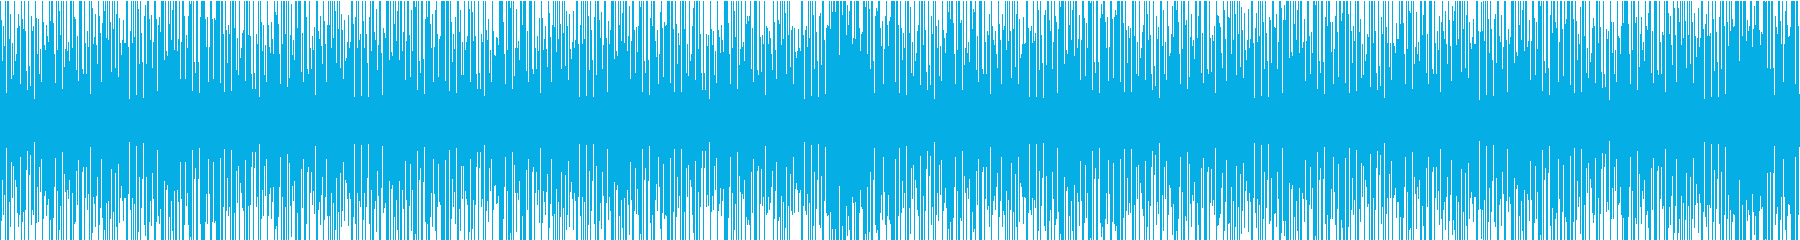 陽気なブラスサンバカーニバルループの再生済みの波形